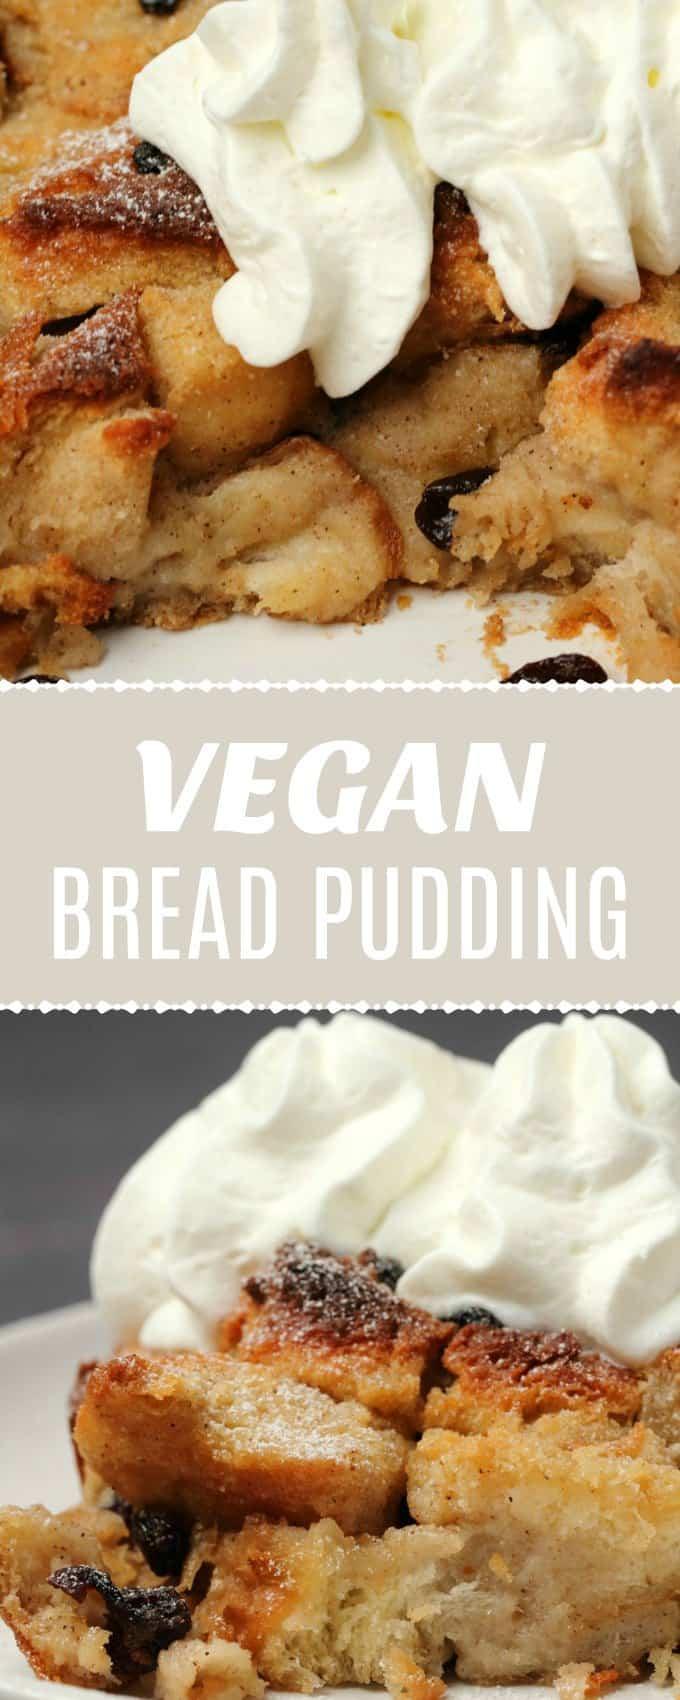 Vegan bread pudding